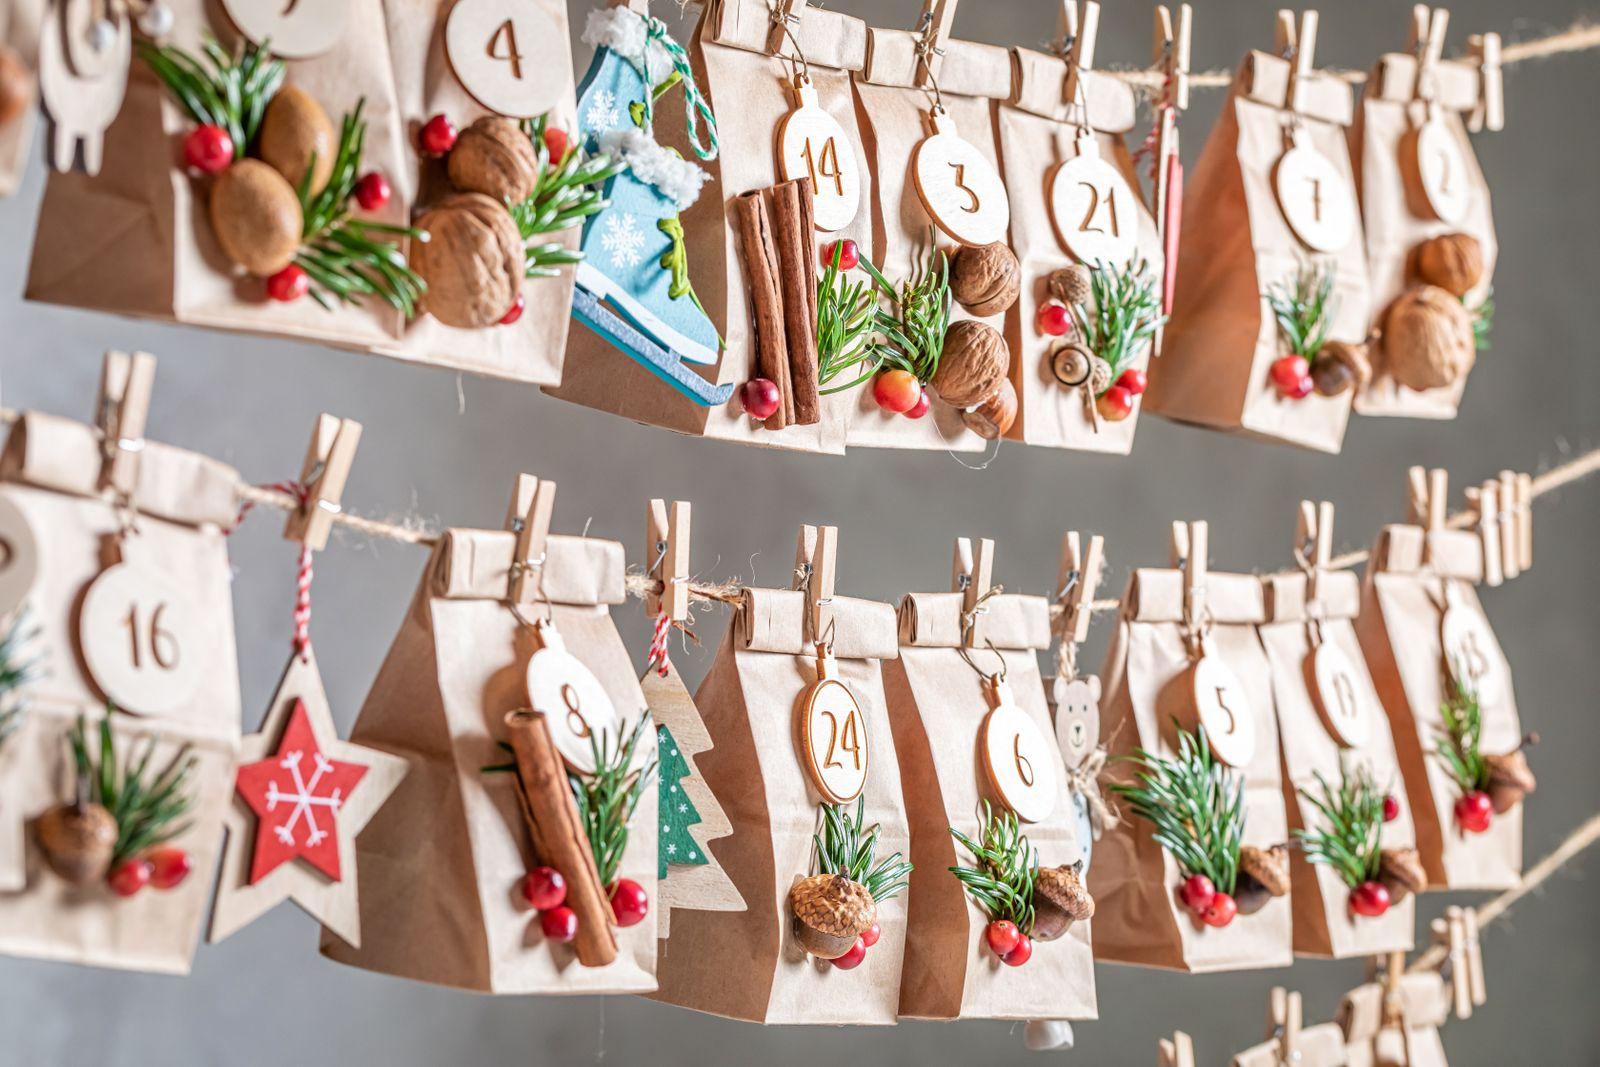 Original Advent Calendar for Christmas as countdown to Christmas Eve